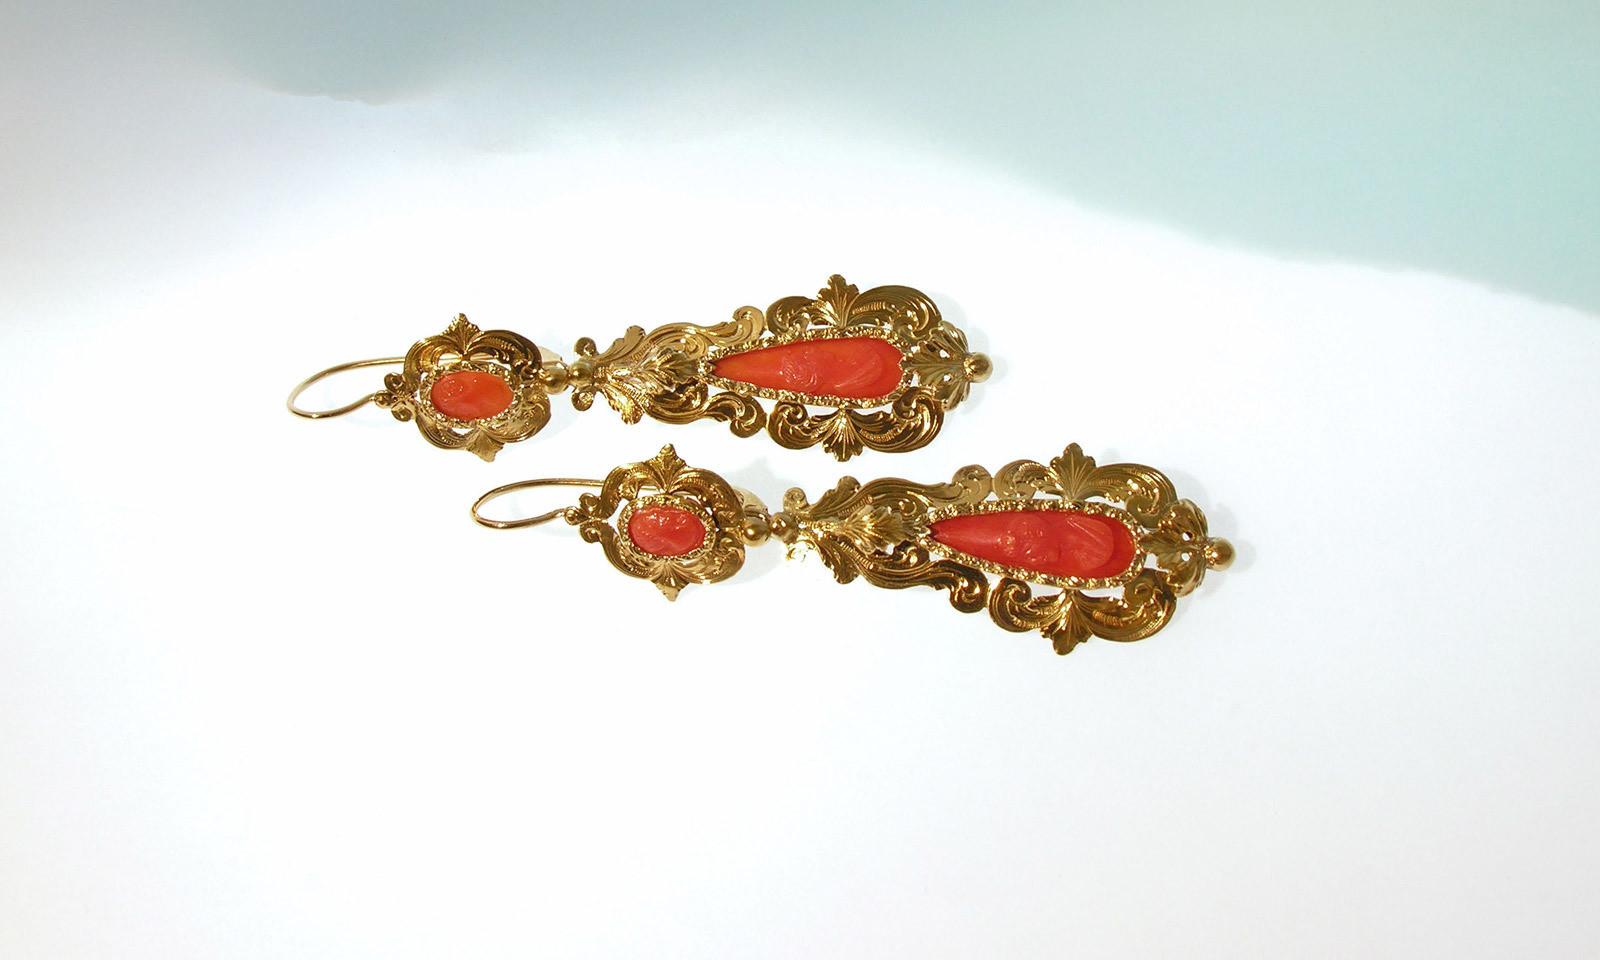 Ohrhaenger 19  Jhd  Koralle. Ohrhänger Gelbgold 585, ziseliert und graviert, mit geschnitzten Korallen, um 1845, Unterteil abnehmbar, in 3 Varianten tragbar, CHF 4200.-